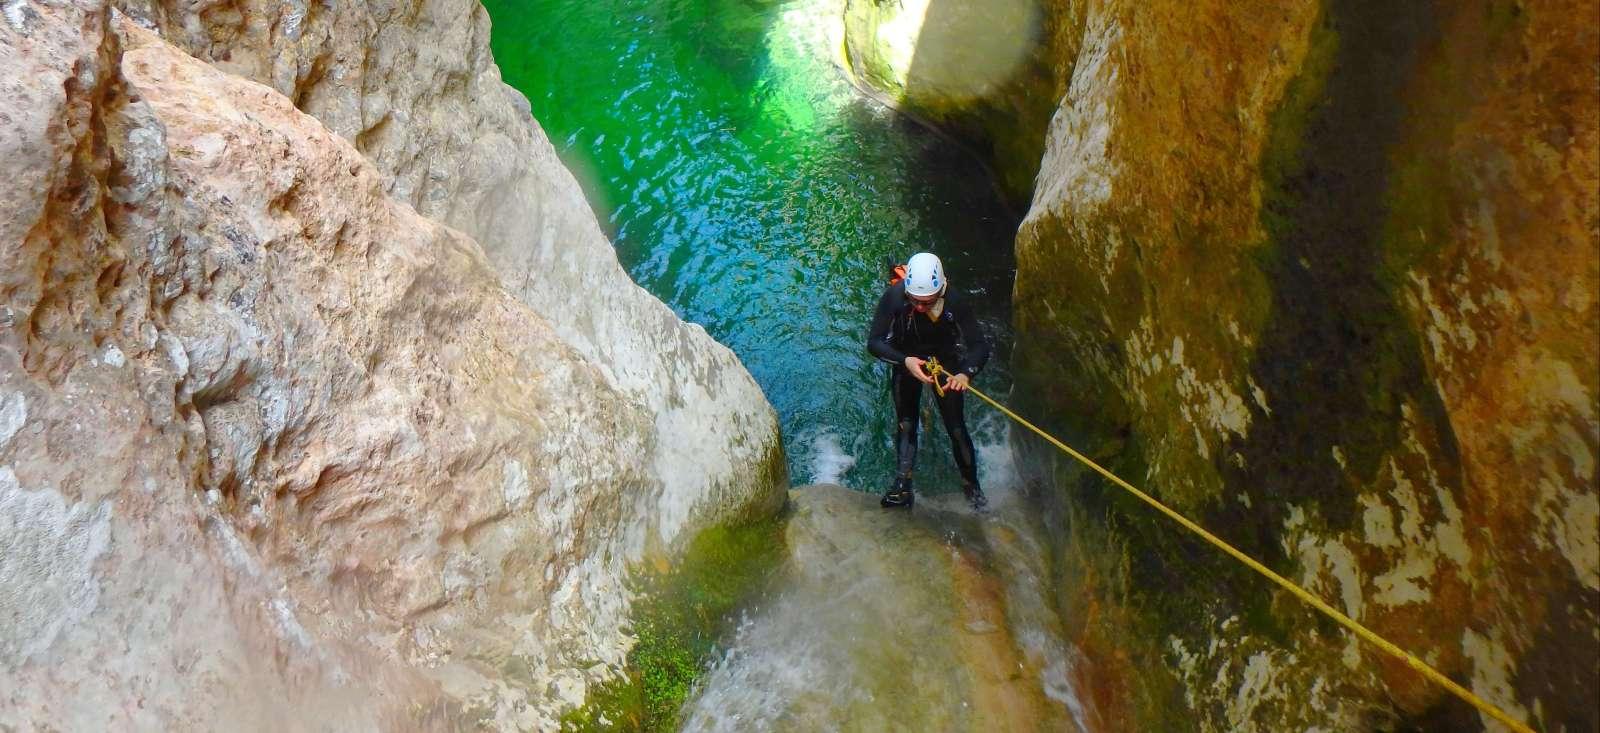 Voyage sur l'eau : Canyoning à Majorque